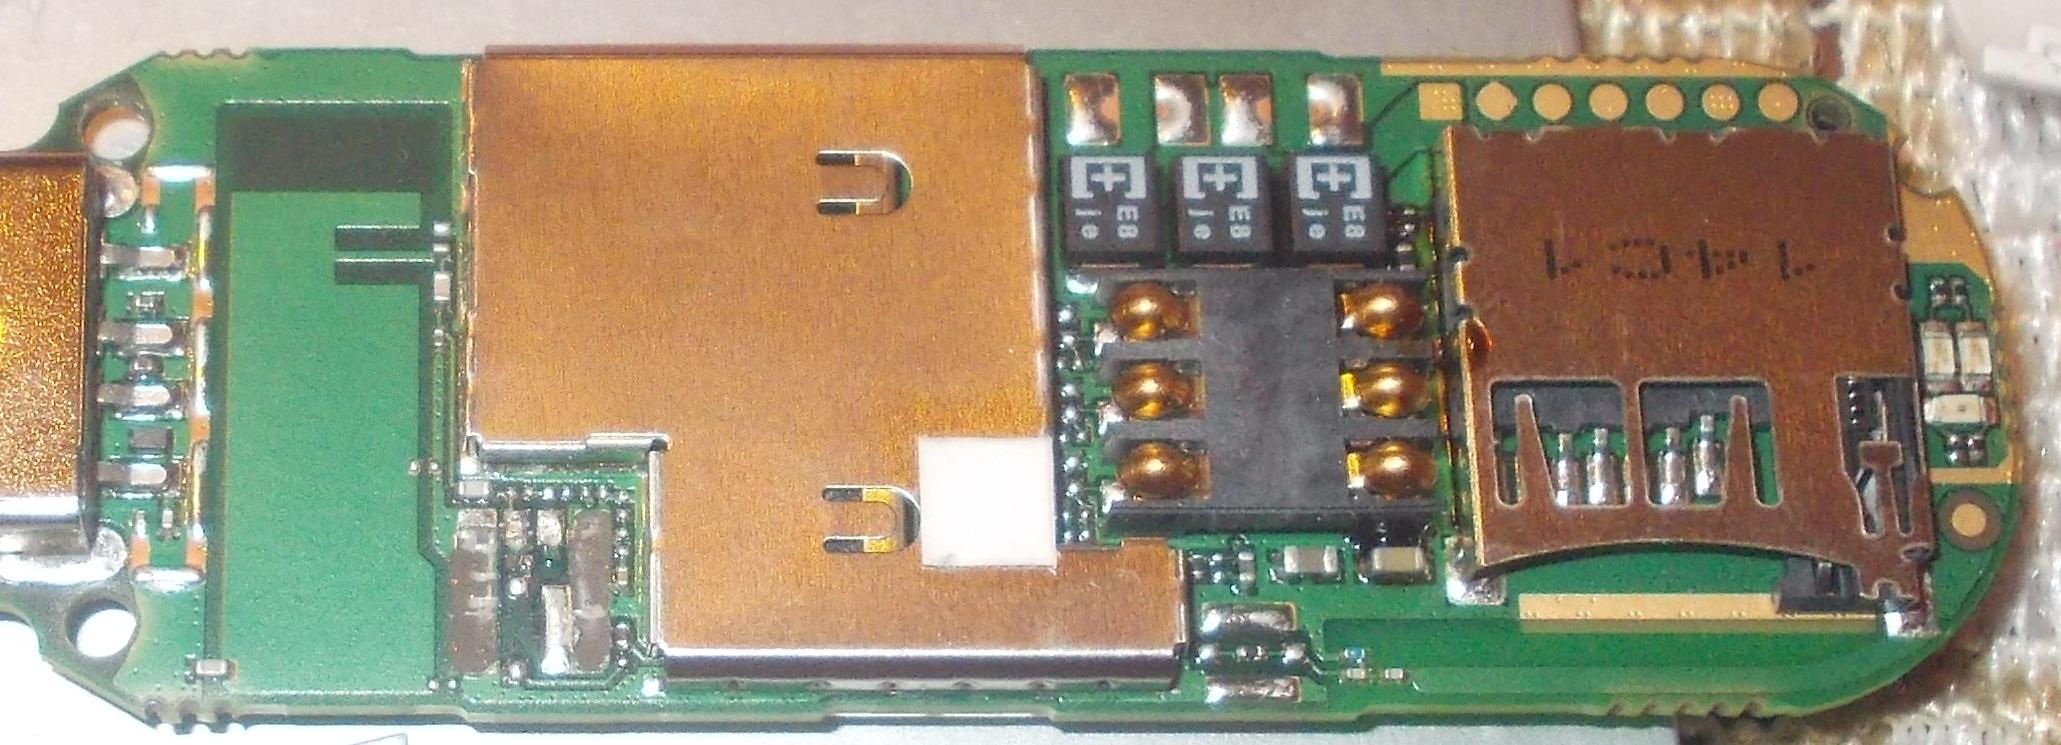 huawei e173u-2 - urwane z��cze anteny i brak zasi�gu kt�re piny zlutowa� ?